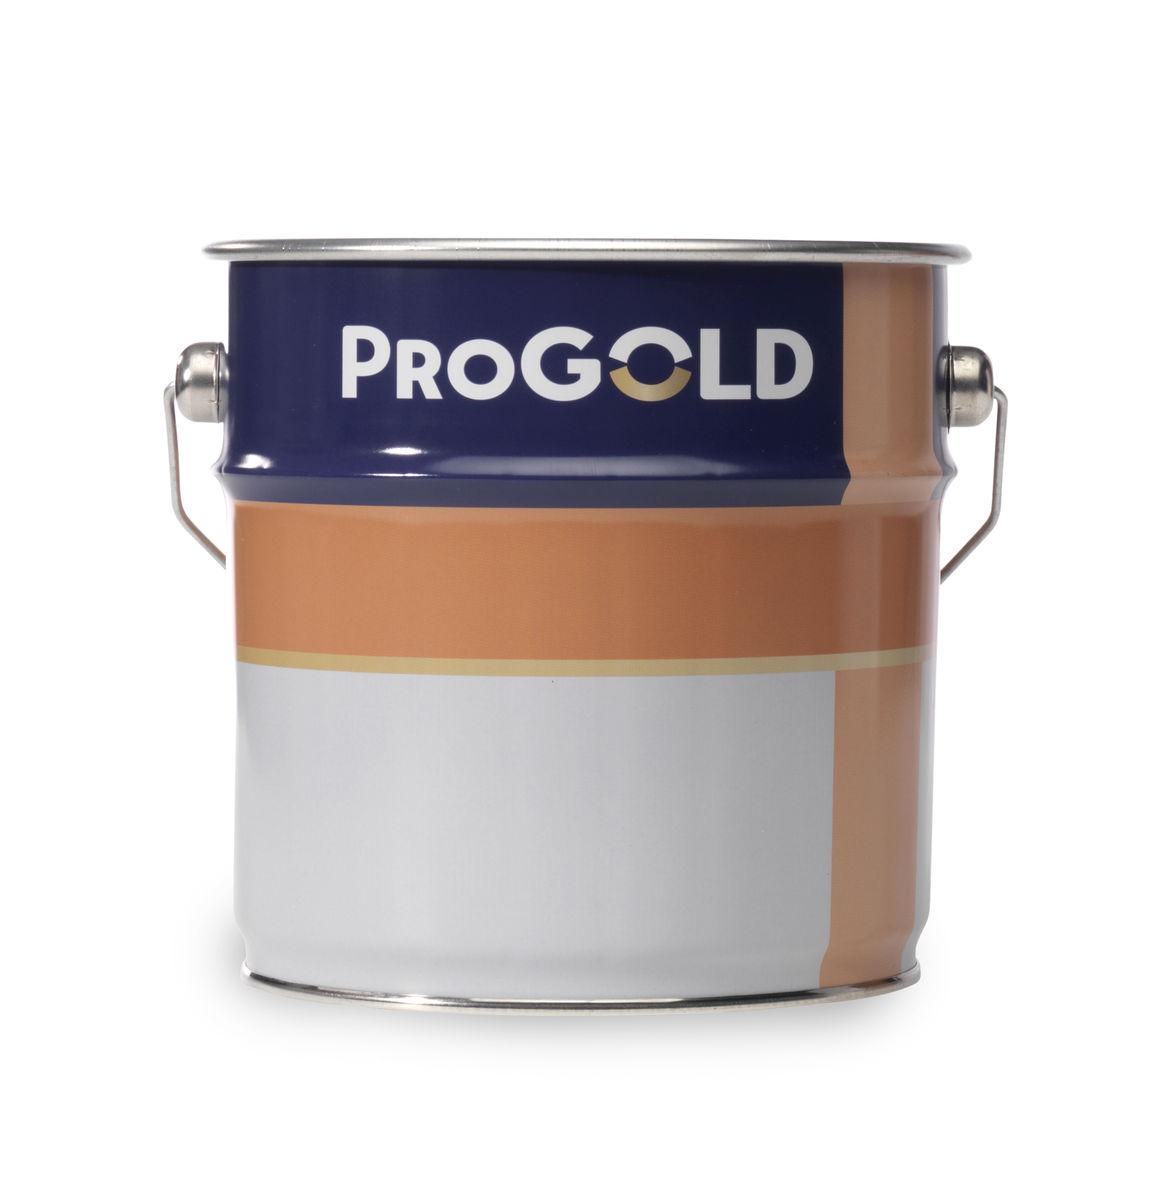 ProGold Verzetblik